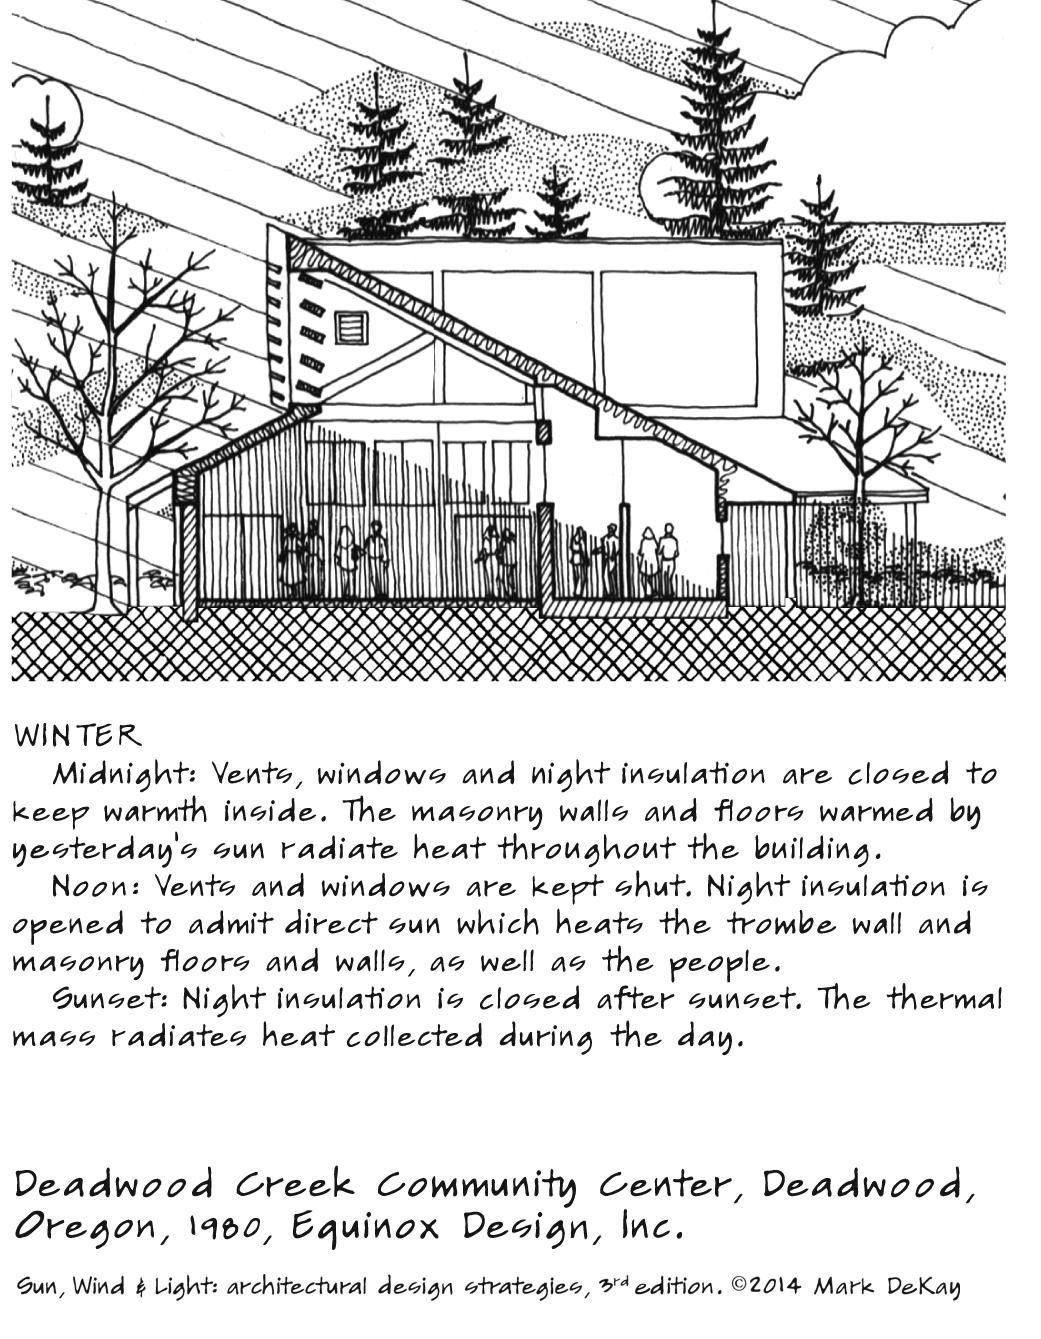 p89 Deadwood Creek Winter